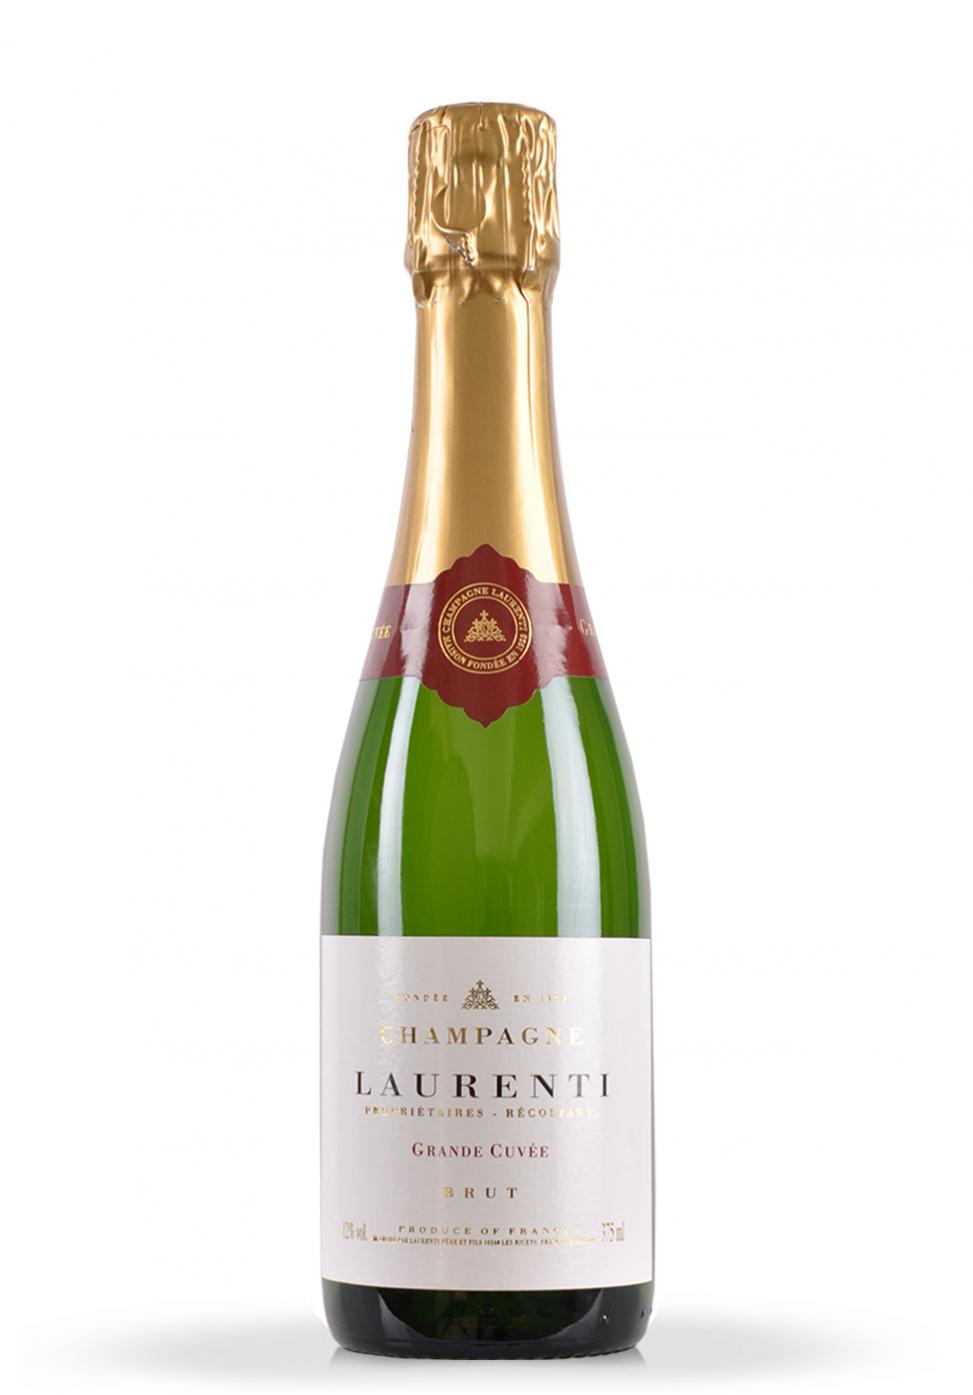 Champagne Laurenti Grande Cuvee Brut Mini (0.375L)